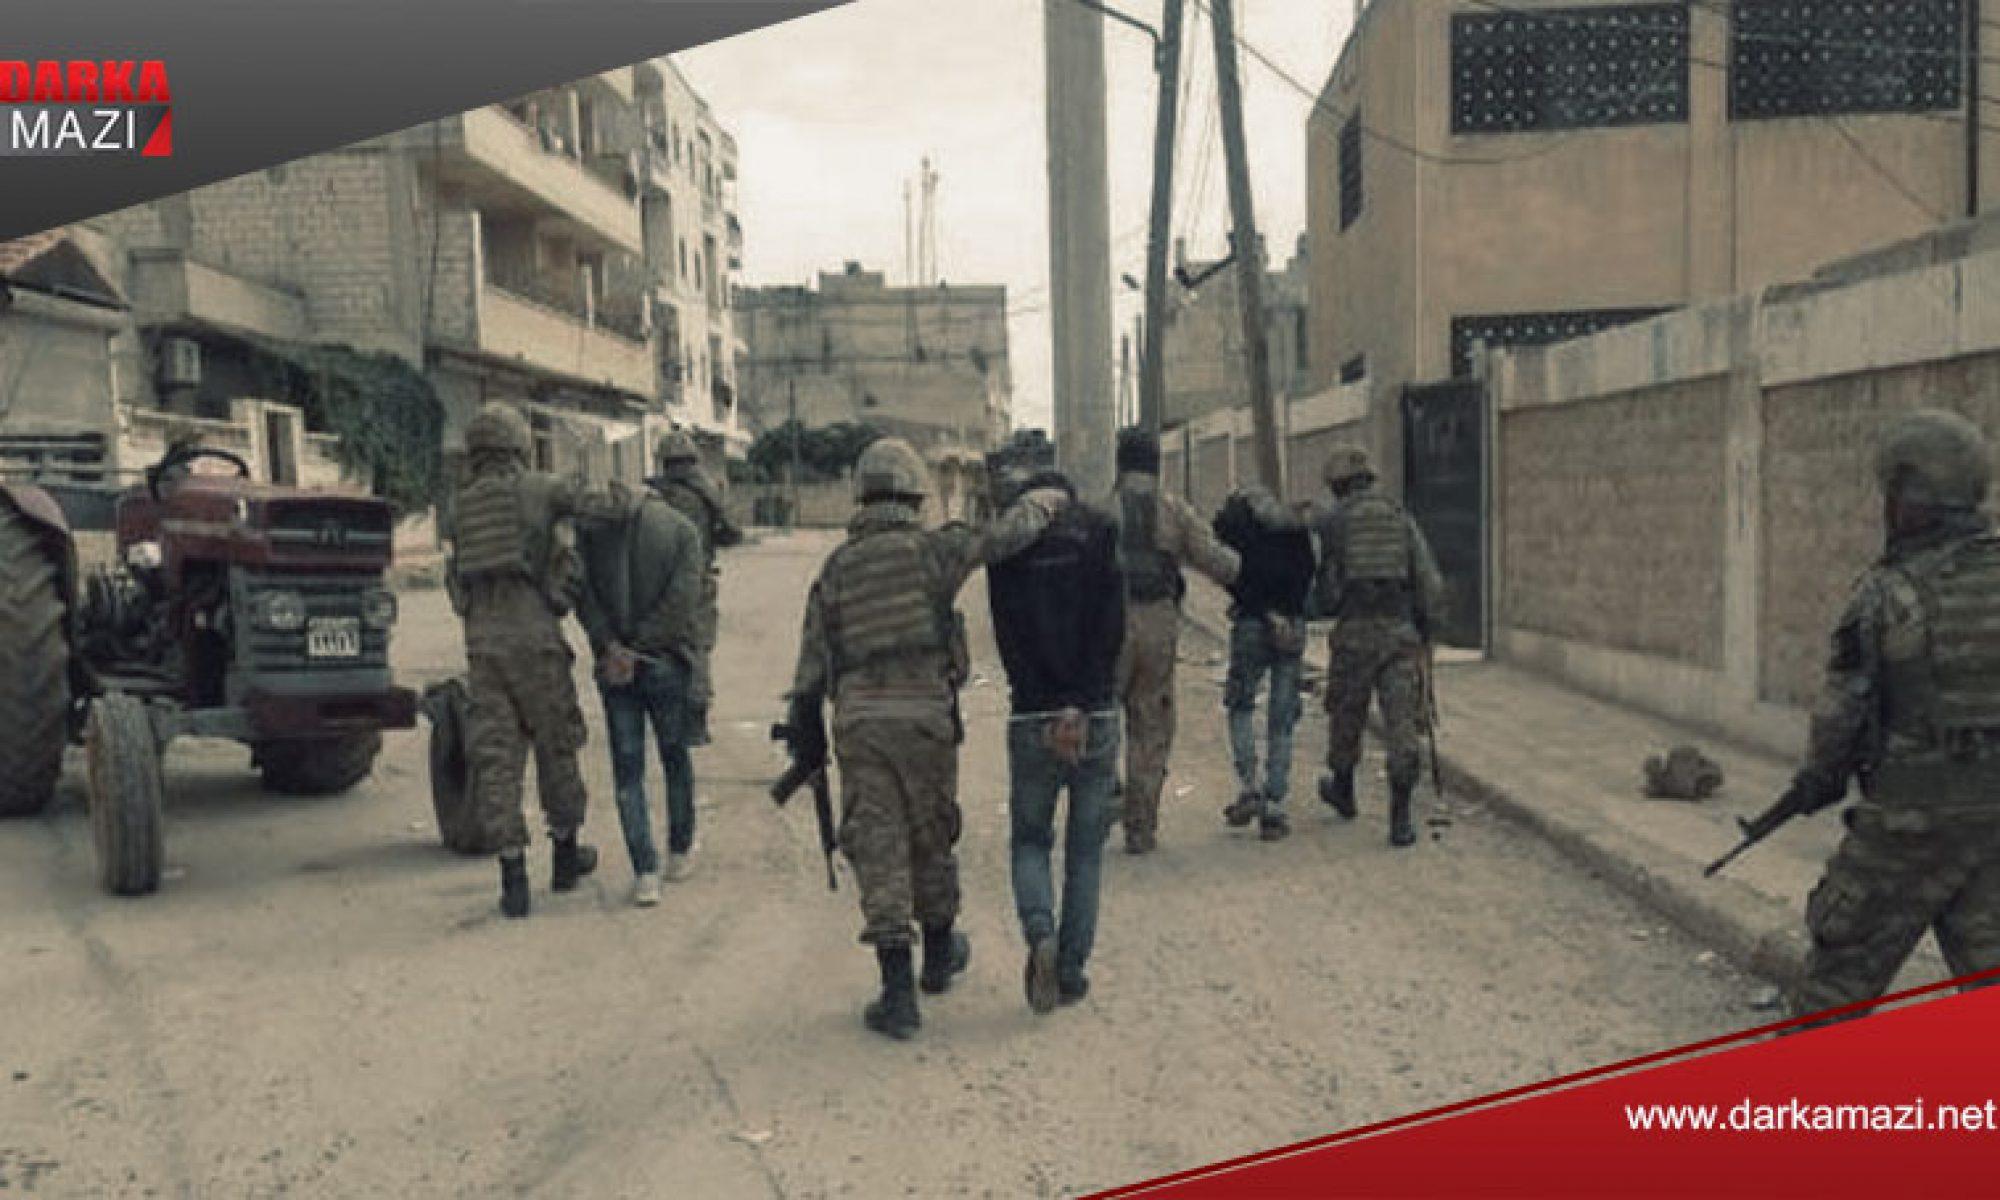 Türkiye'ye bağlı çeteler Afrin'de kaçırdıkları Kürt gençleri için 1000 Dolar fidye istiyor